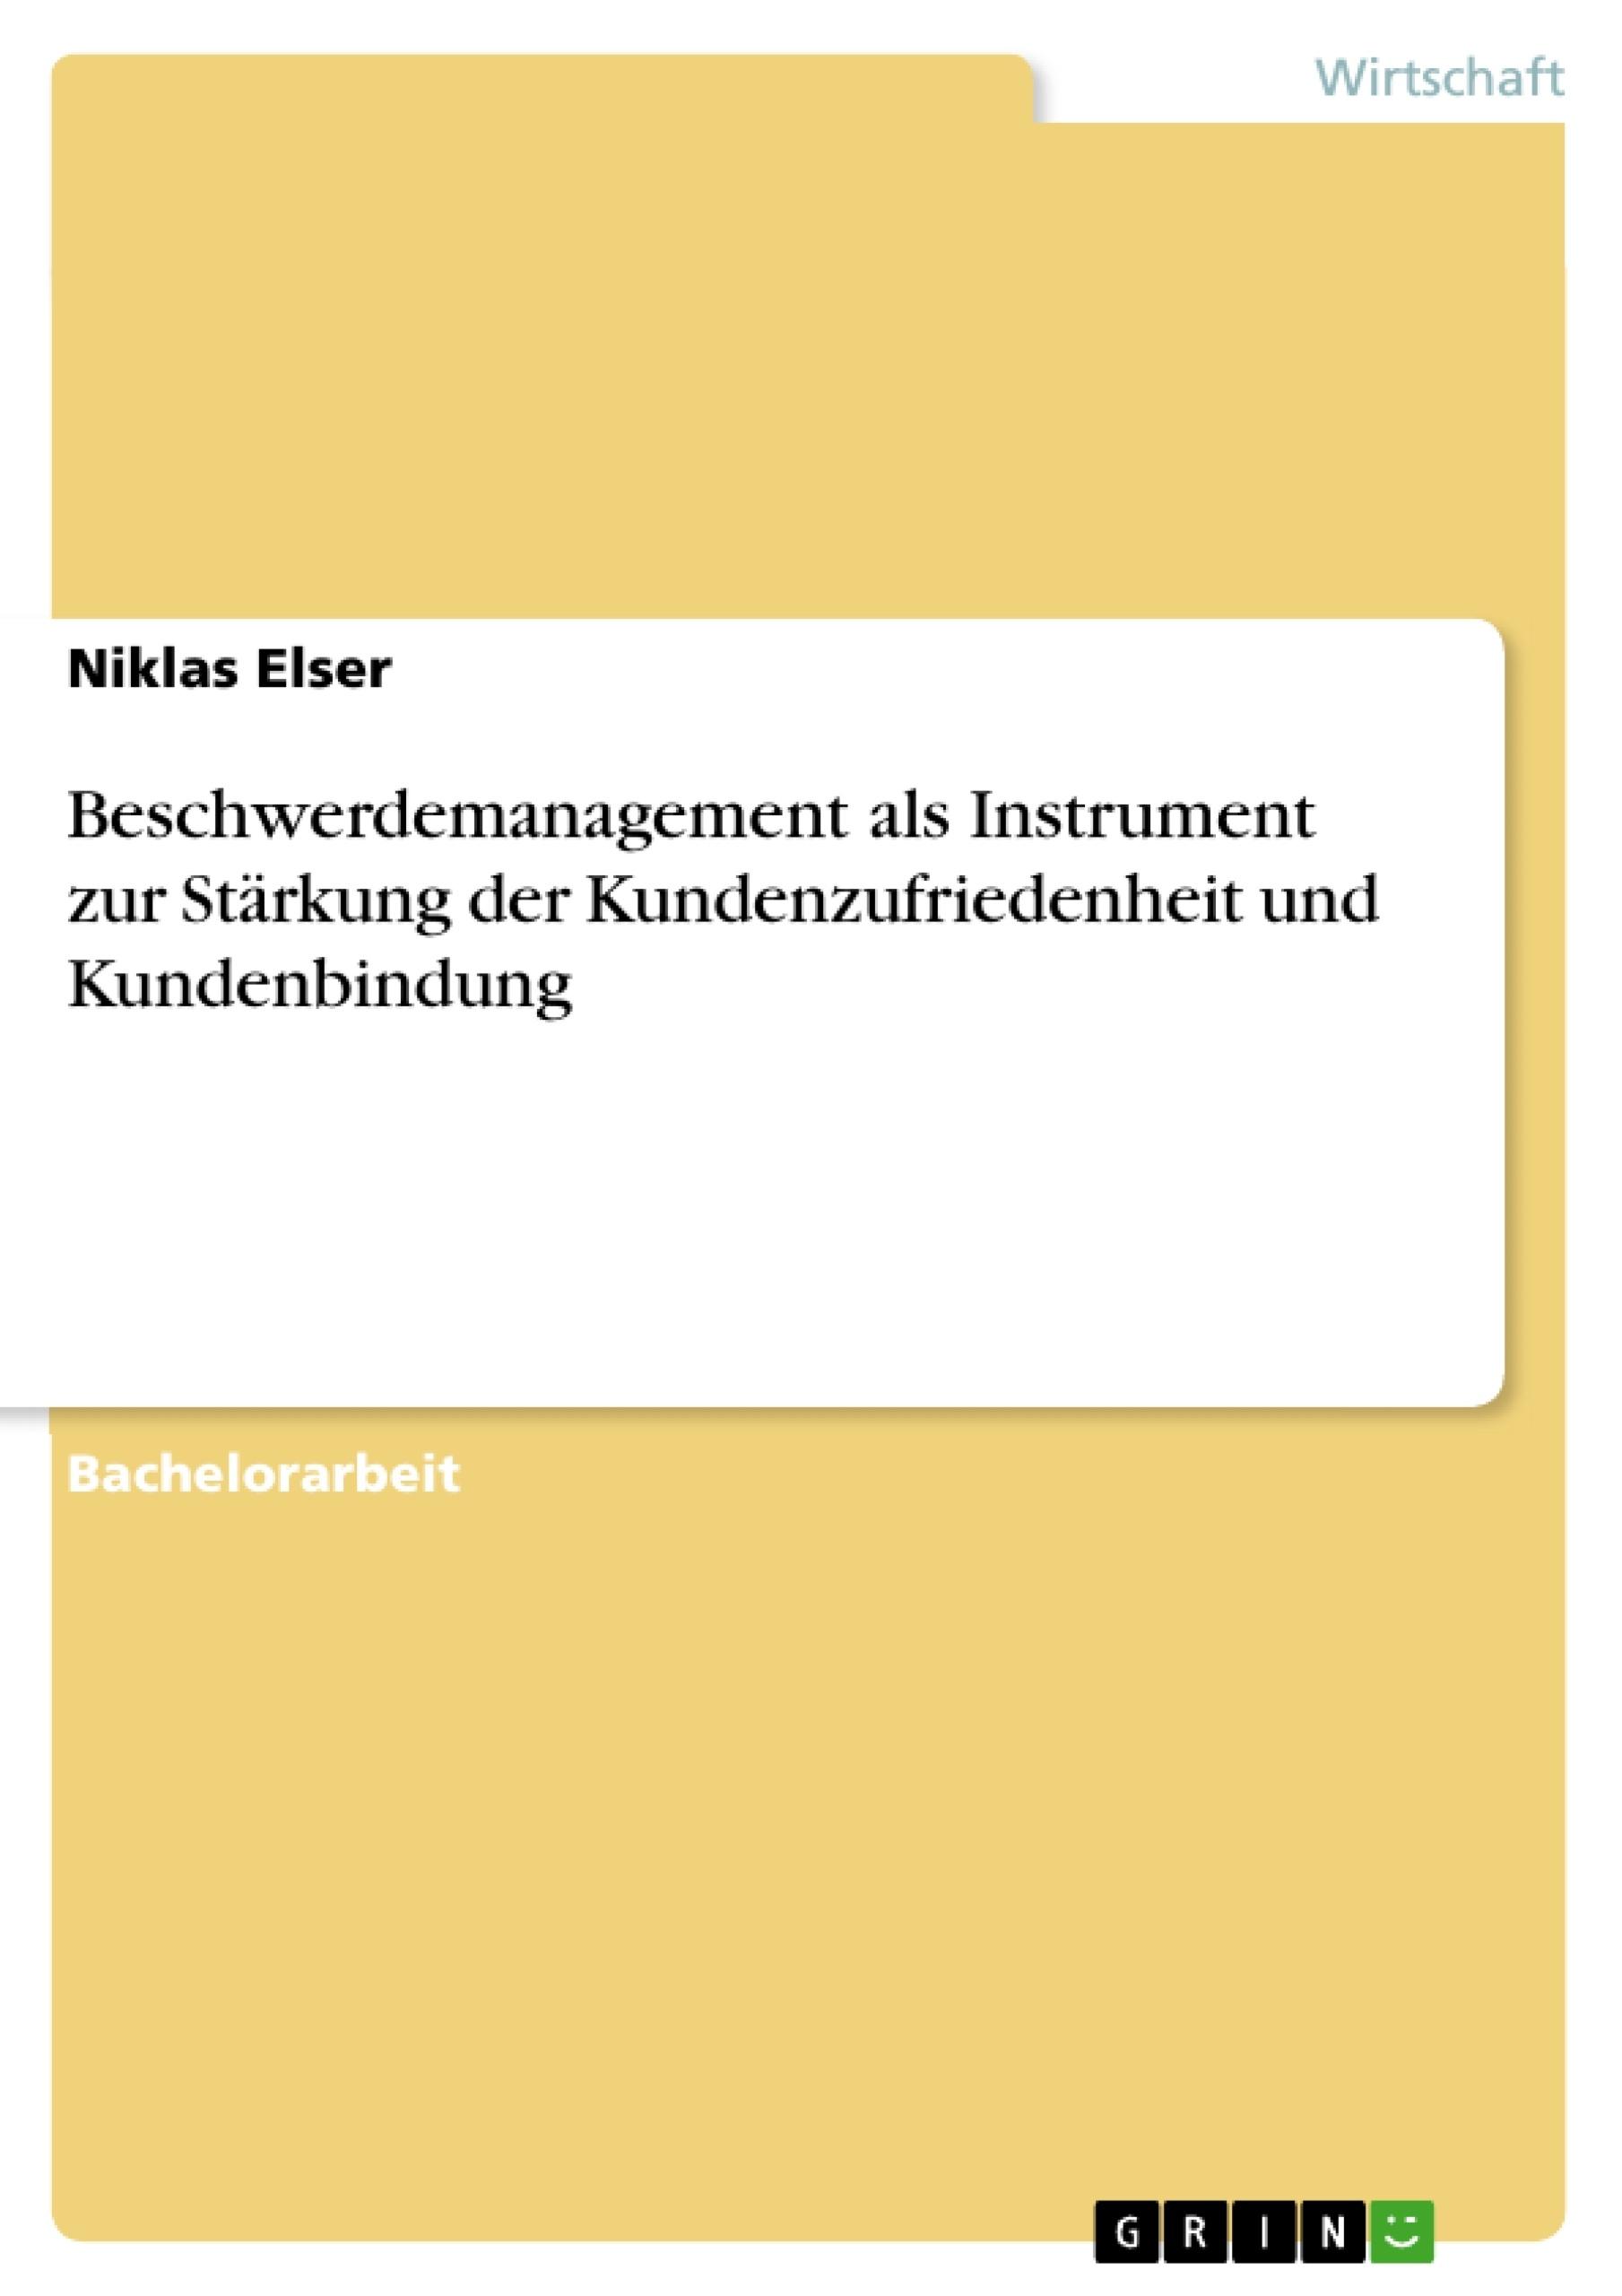 Titel: Beschwerdemanagement als Instrument zur Stärkung der Kundenzufriedenheit und Kundenbindung